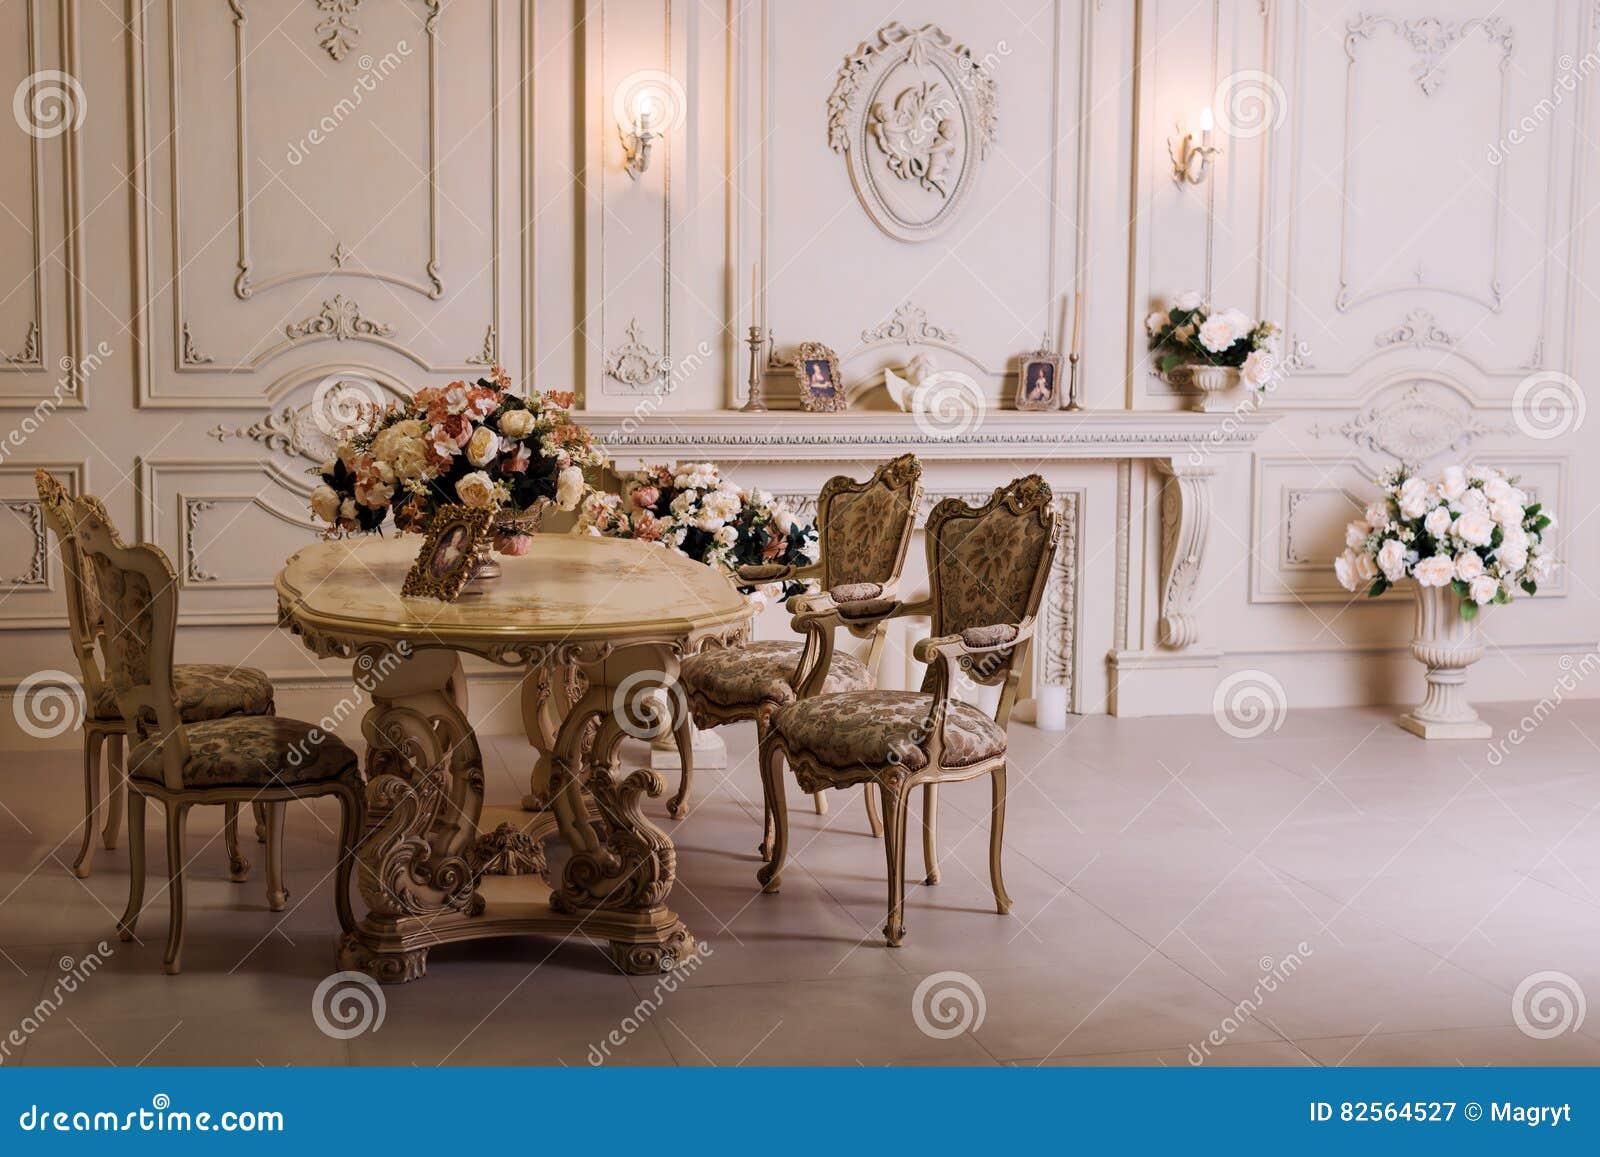 luxuswohnung bequemes klassisches wohnzimmer luxuriser weinleseinnenraum mit kamin in der aristokratischen art